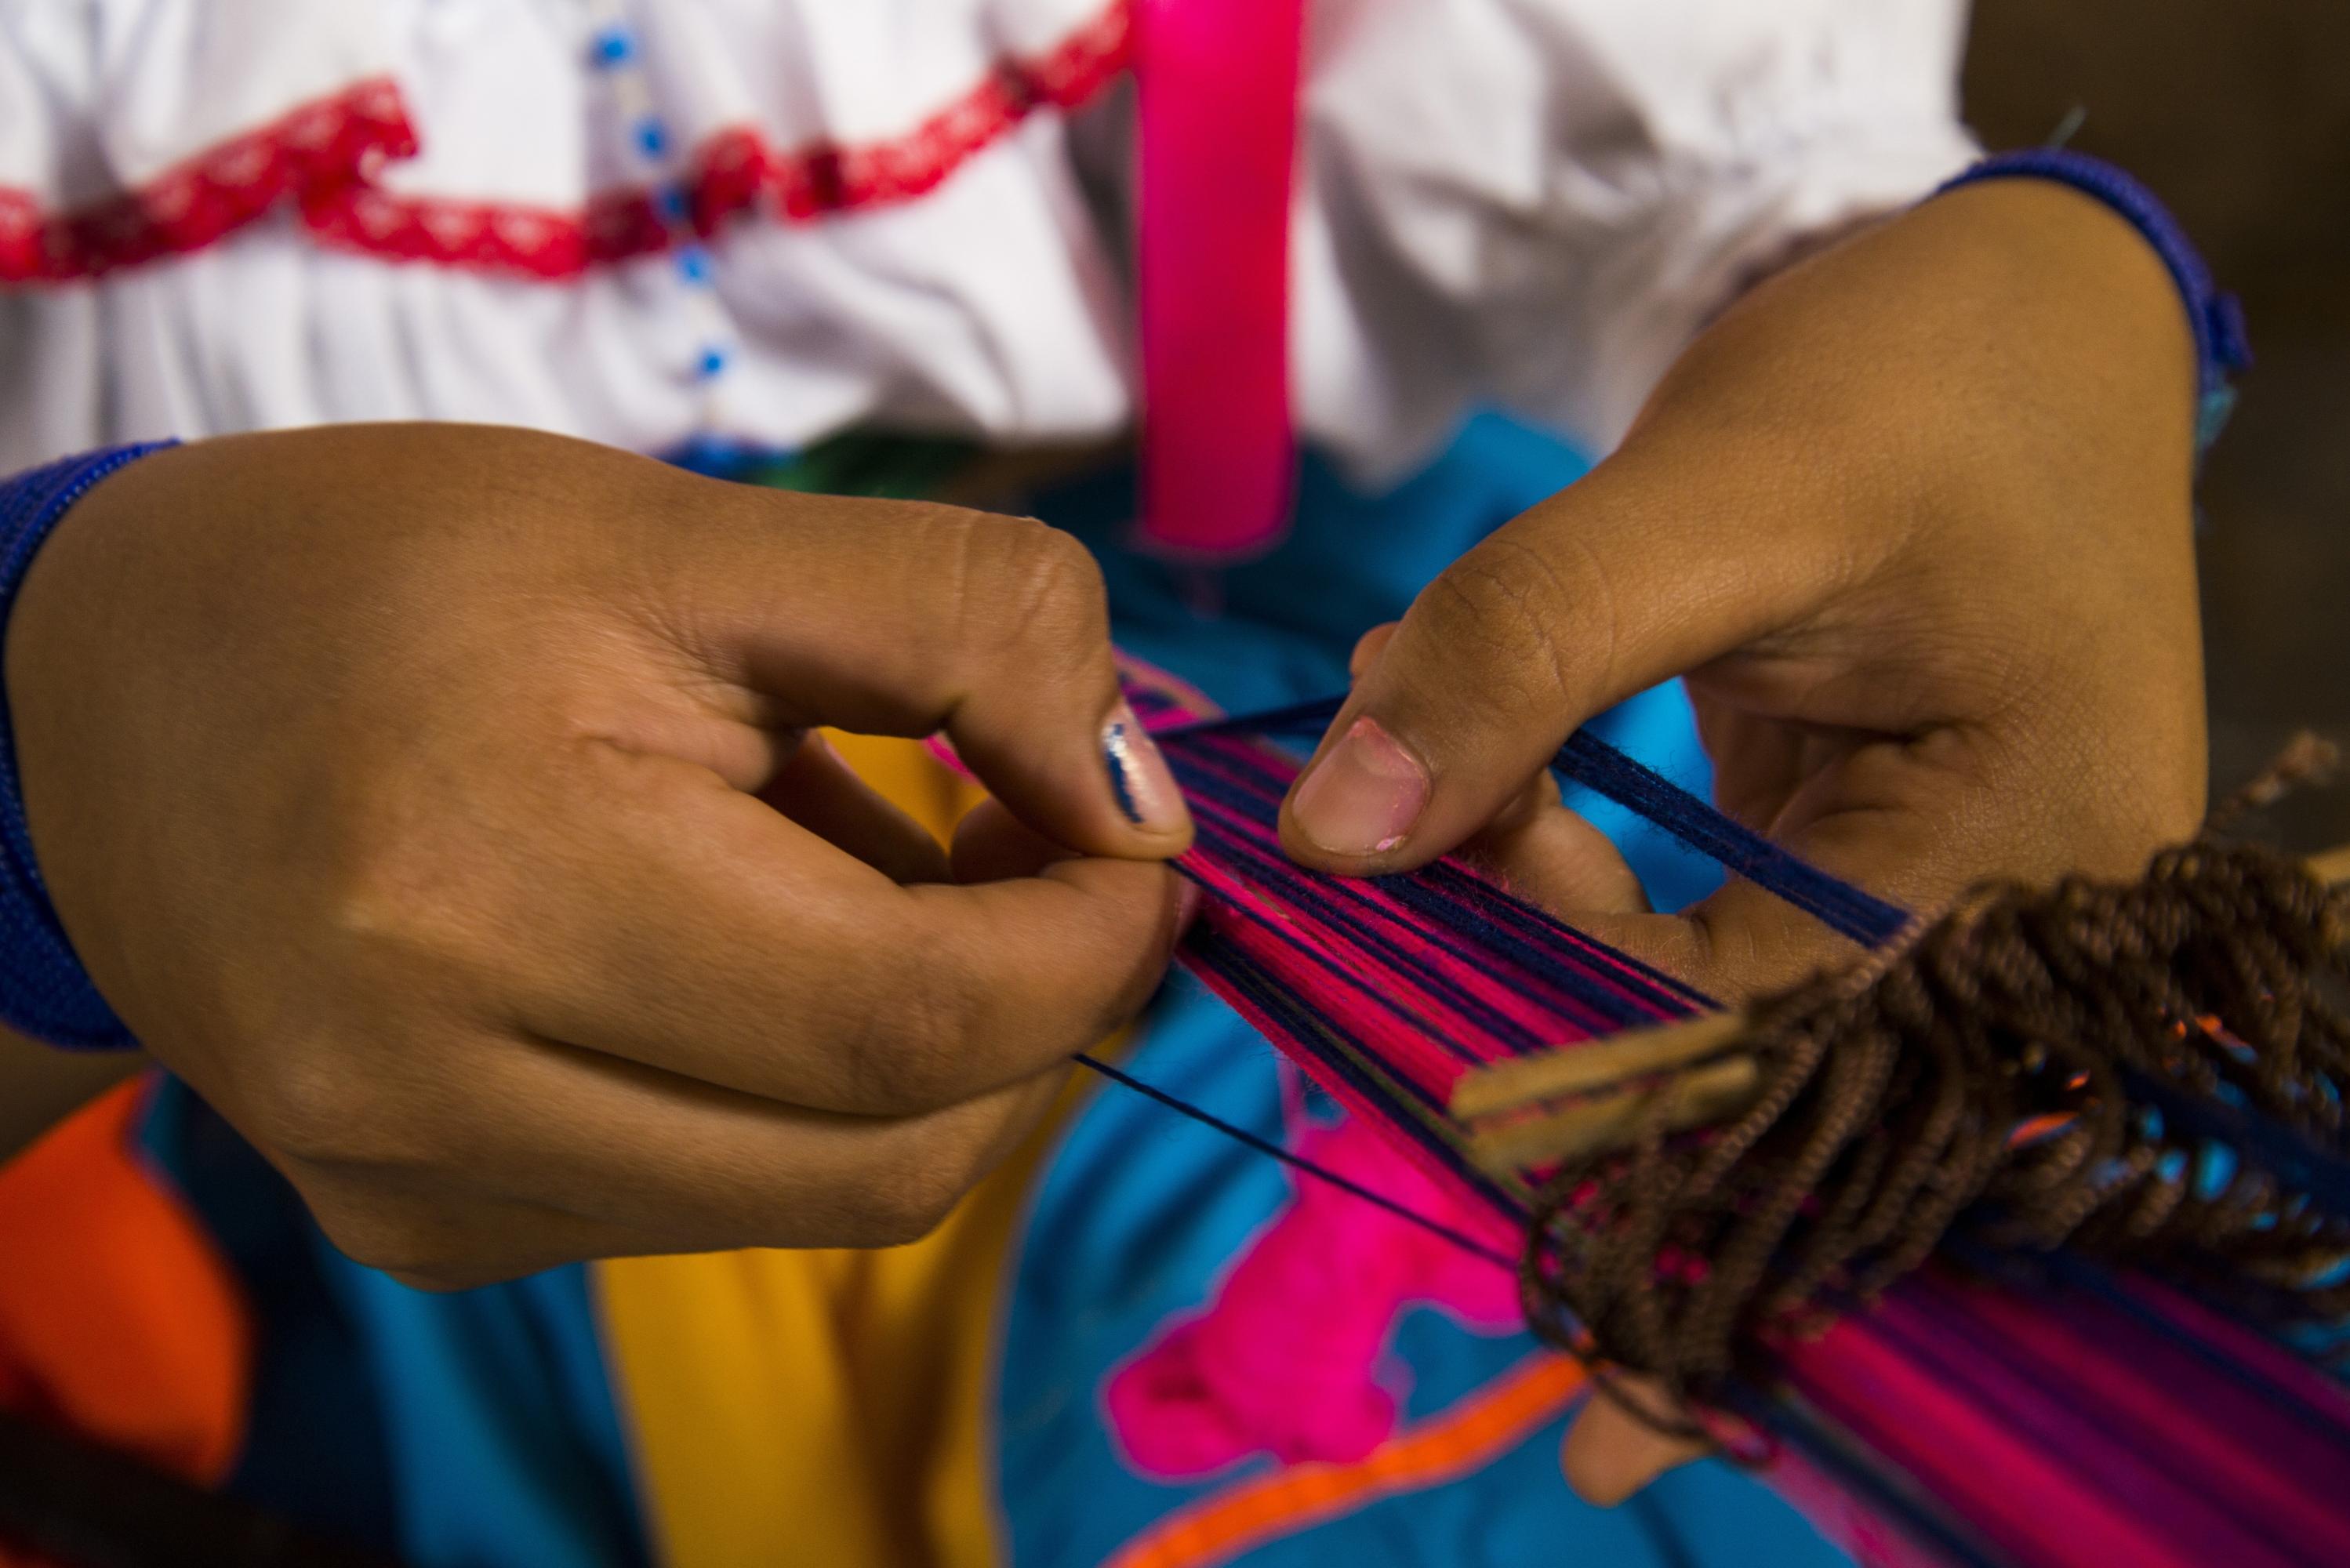 Las artesanas son hábiles con los telares y realizan maravillosos tejidos. (Foto: PromPerú)